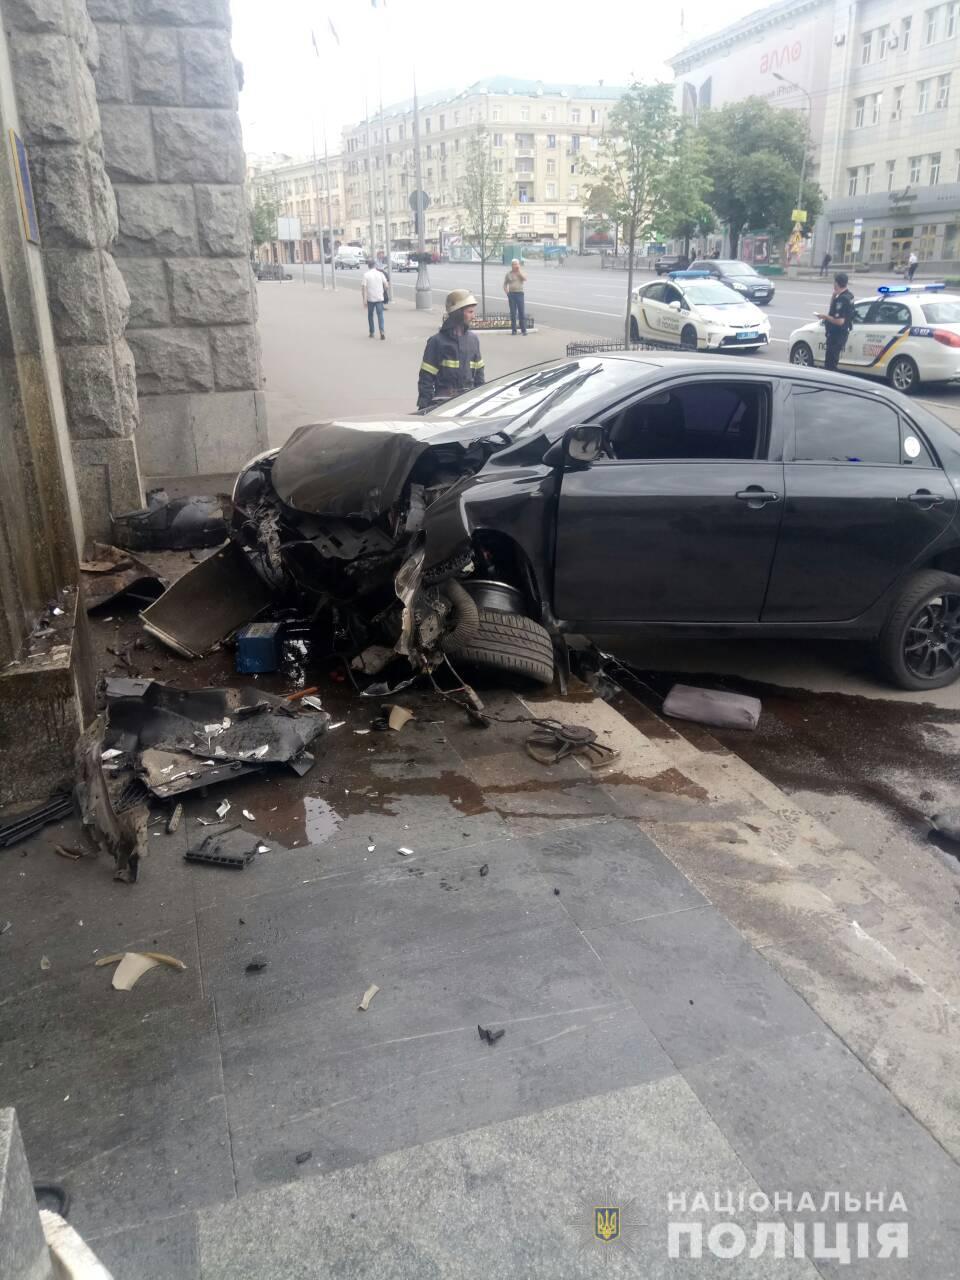 Водитель, врезавшийся в здание горсовета, мчался, не сбавляя скорости, по пешеходному переходу (видео)